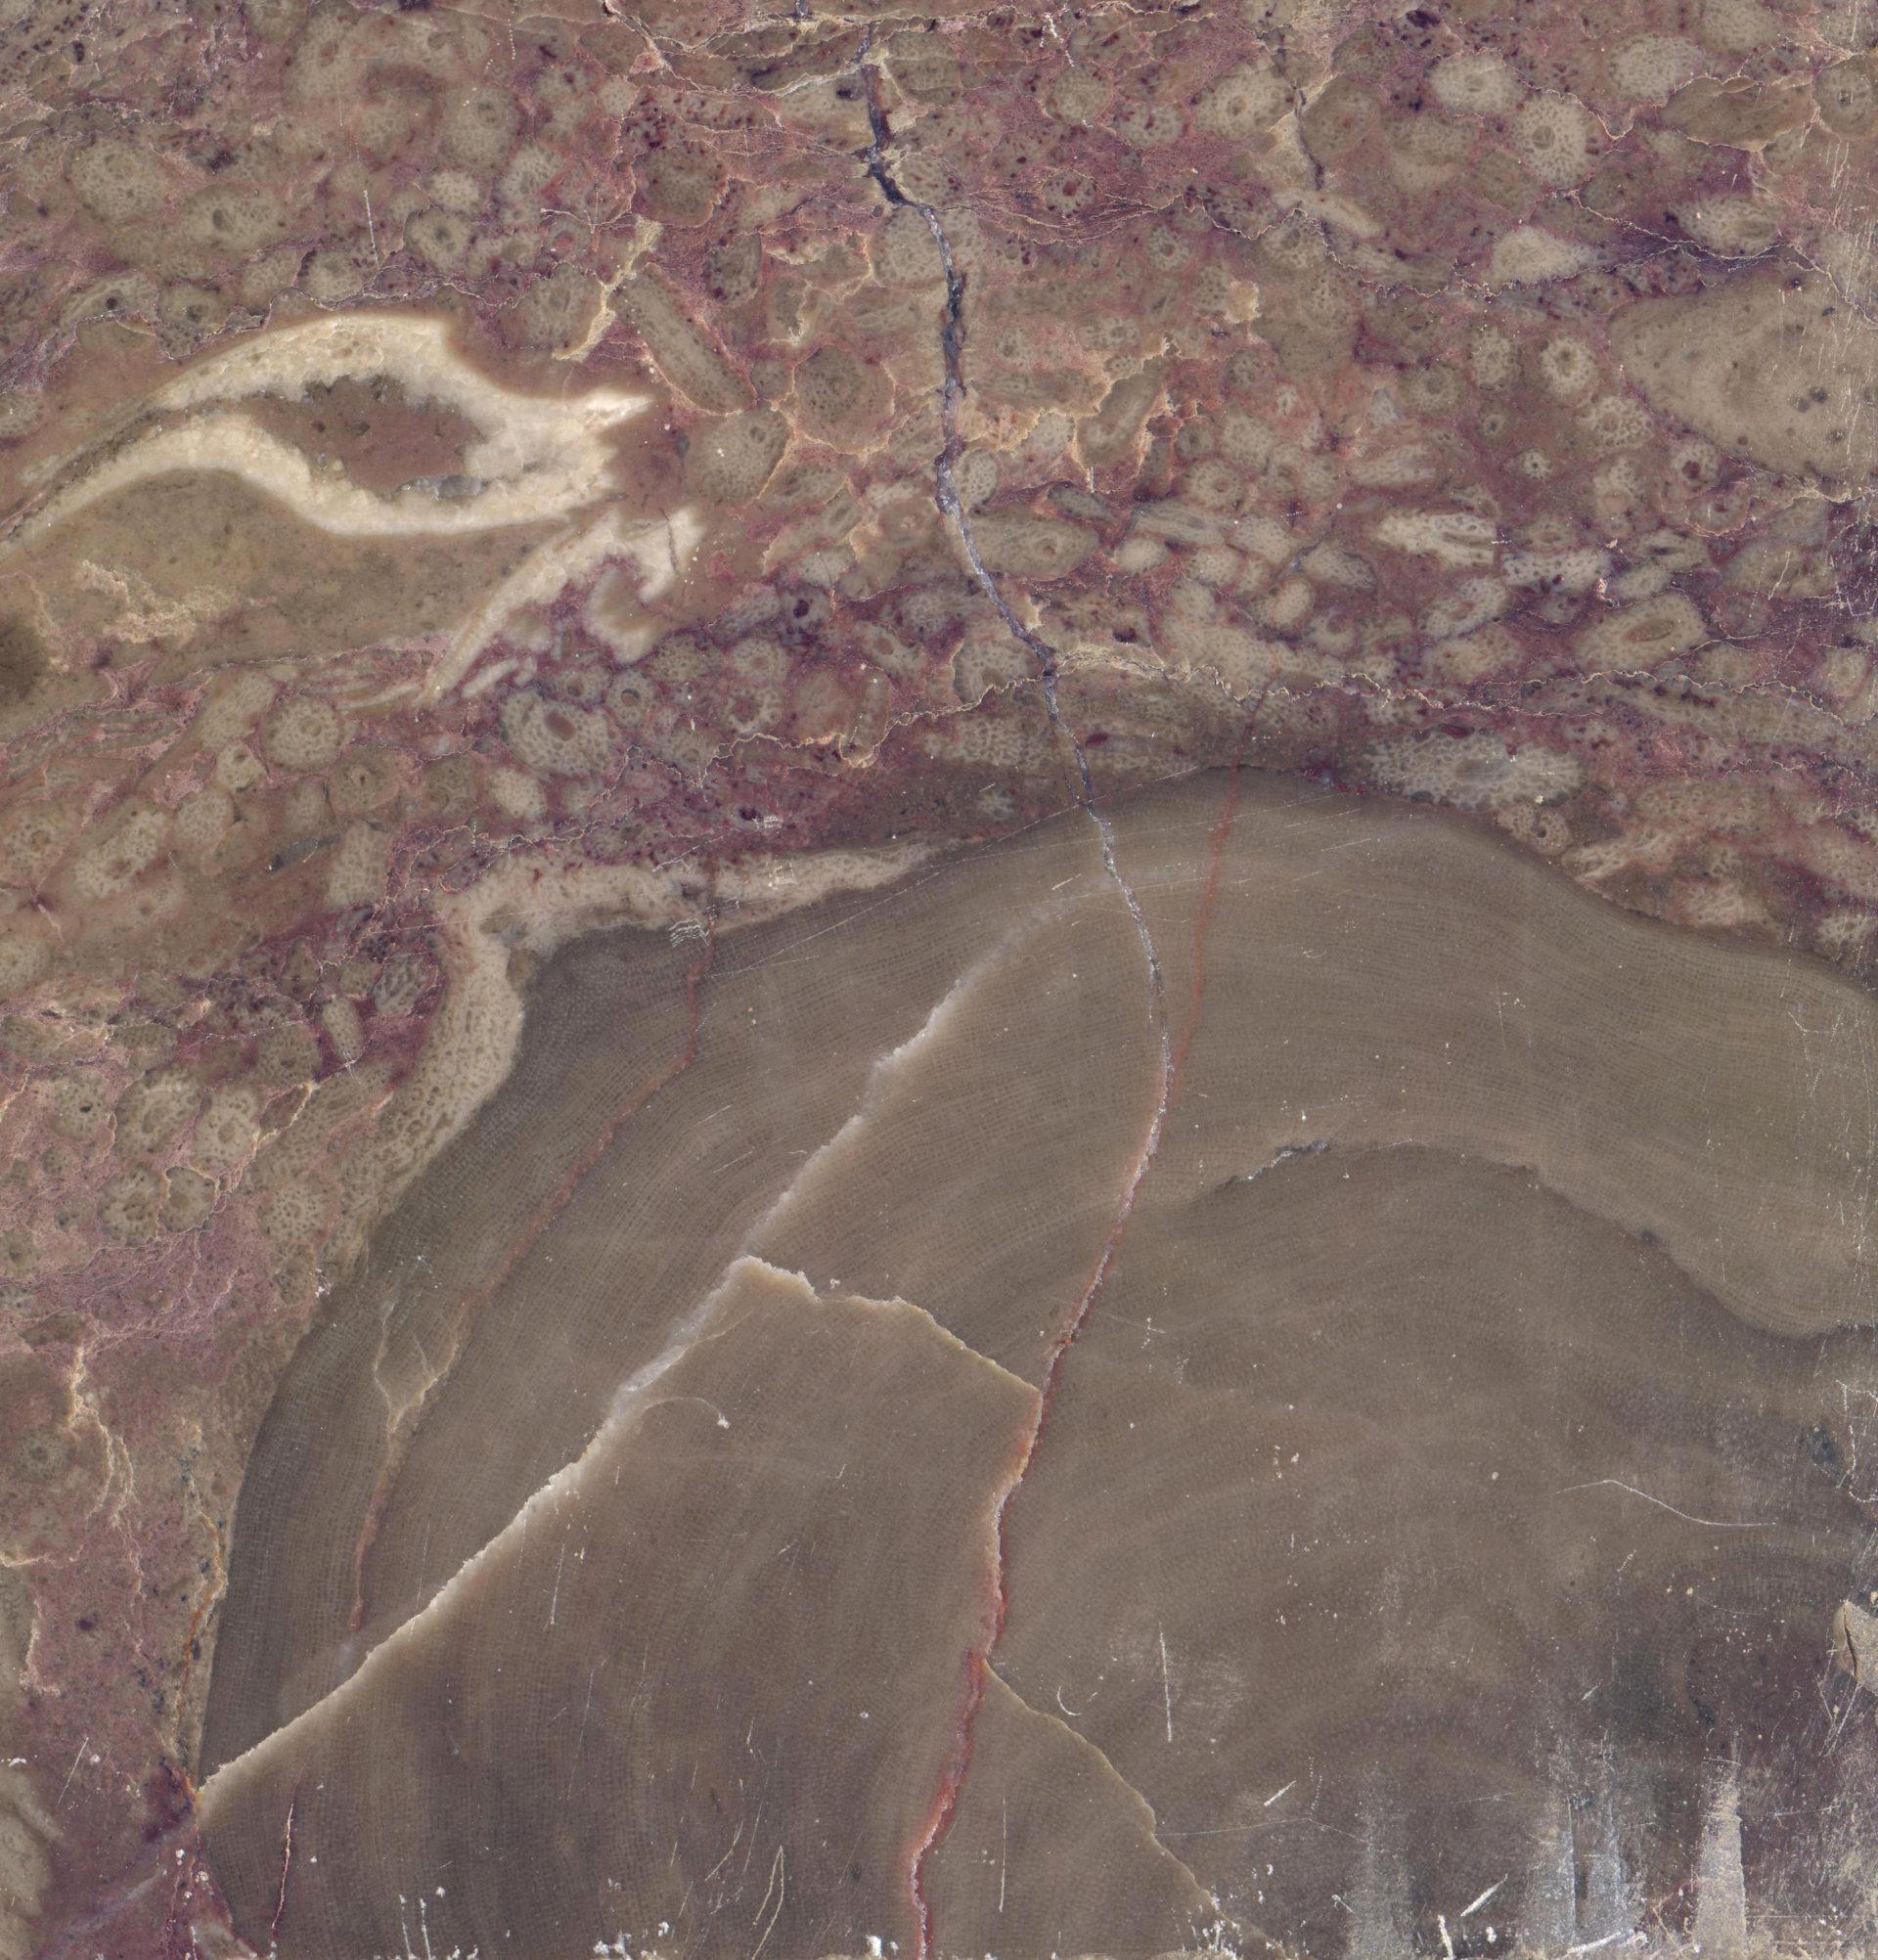 Skamieniałość stromatoporoida w dewońskim wapieniu z Bolechowic koło Kielc.